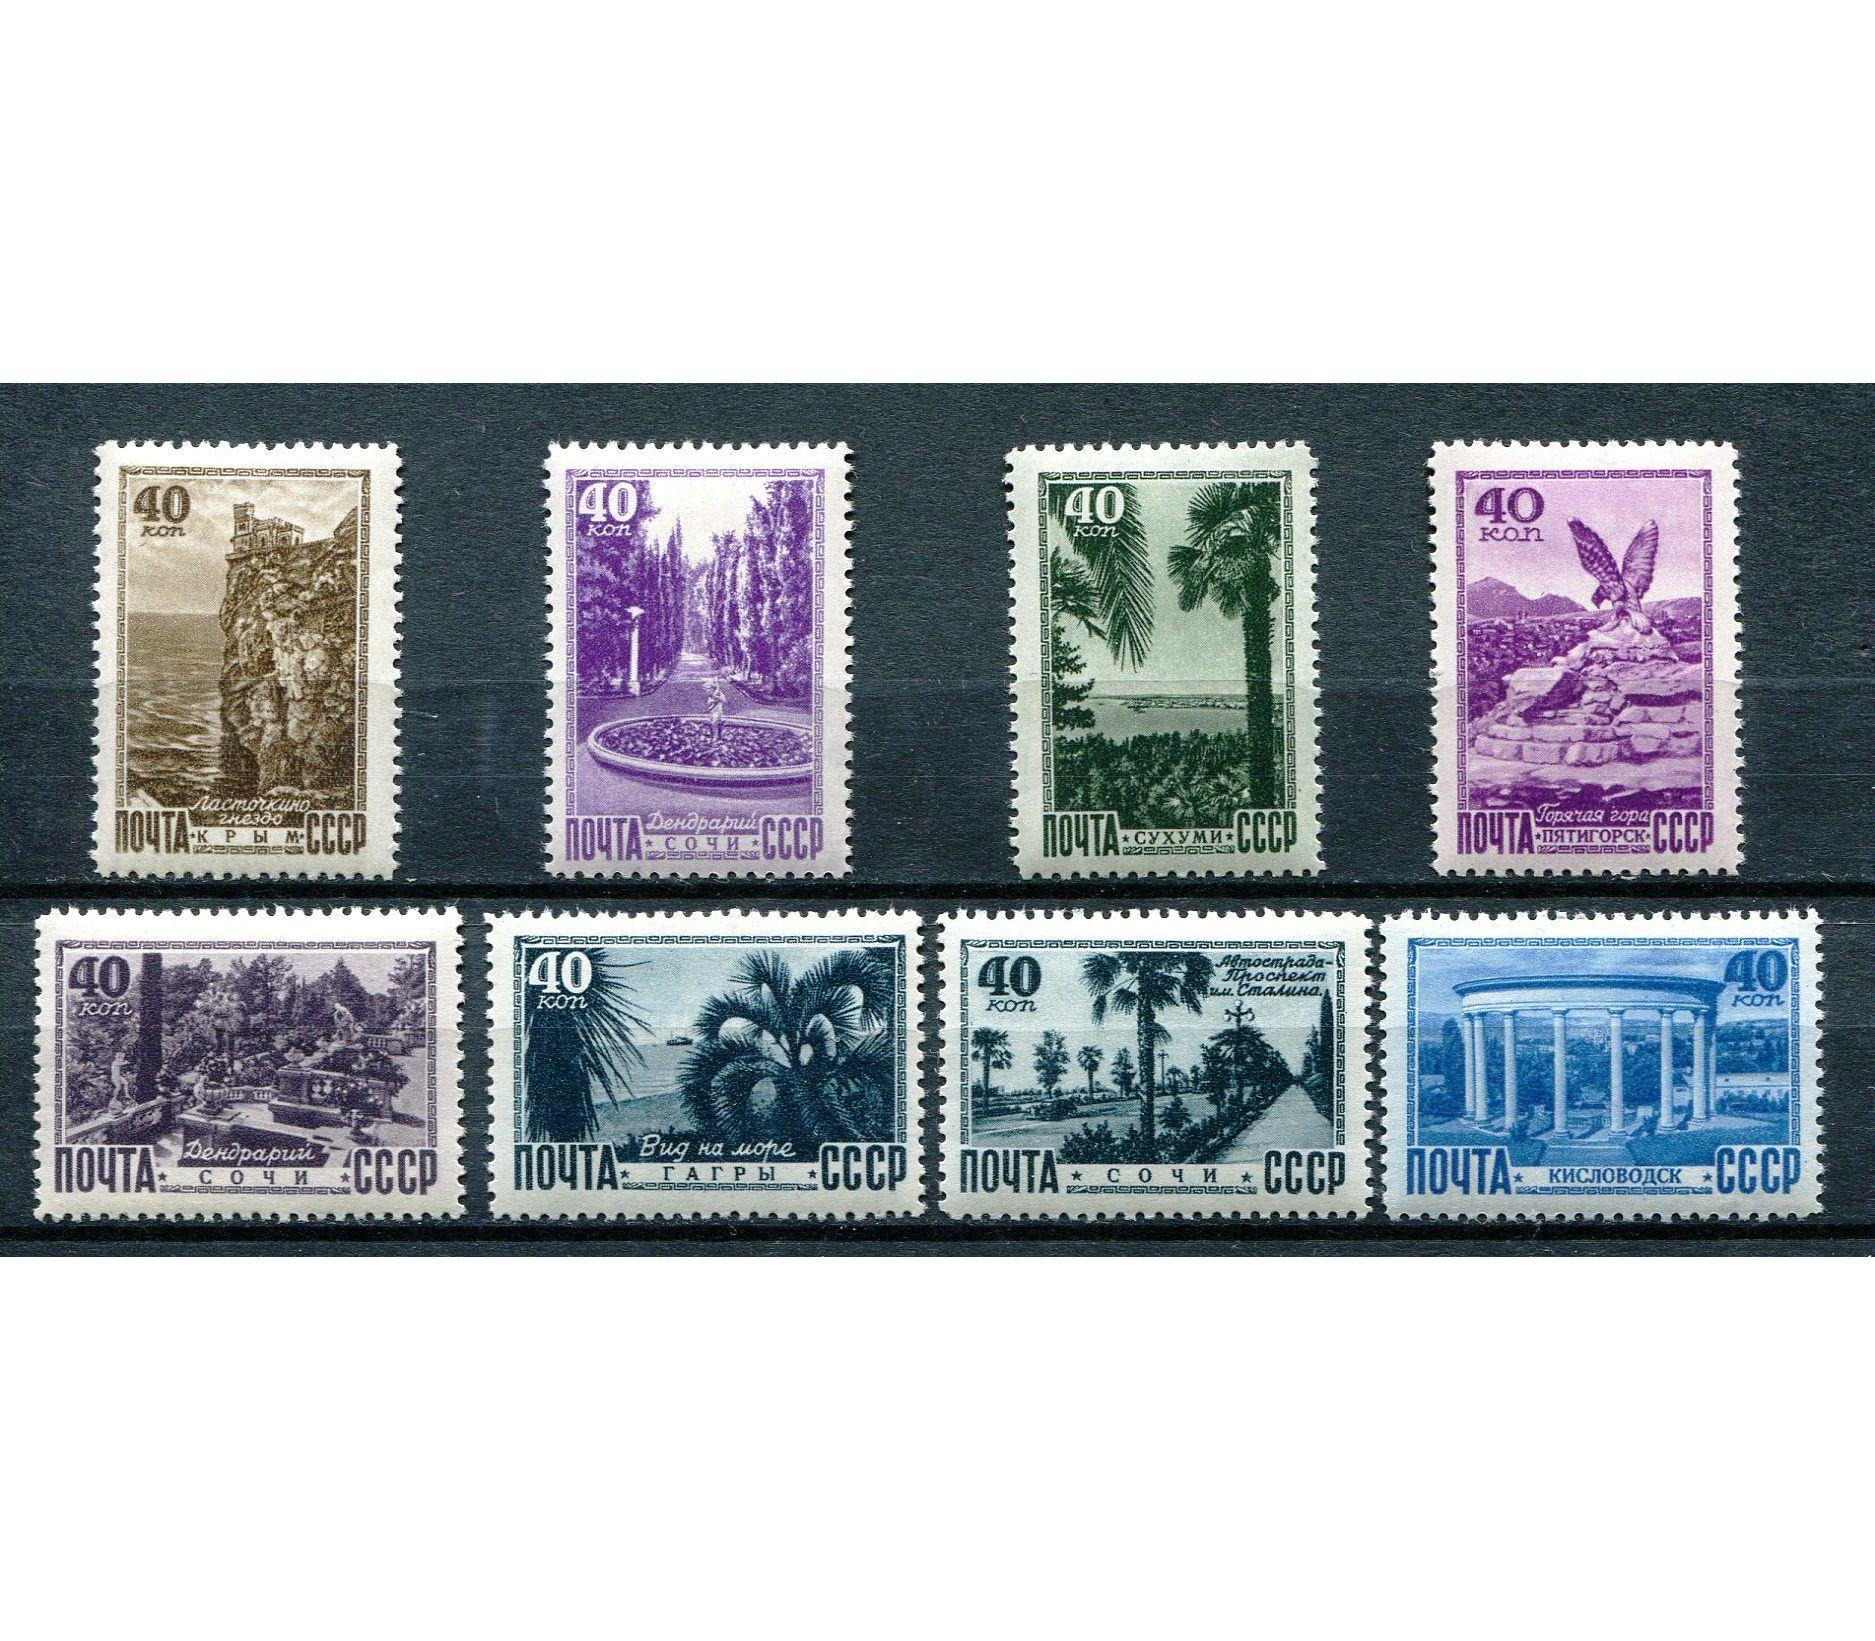 гладкие, информация о почтовой марке по фото бёрек лаваша